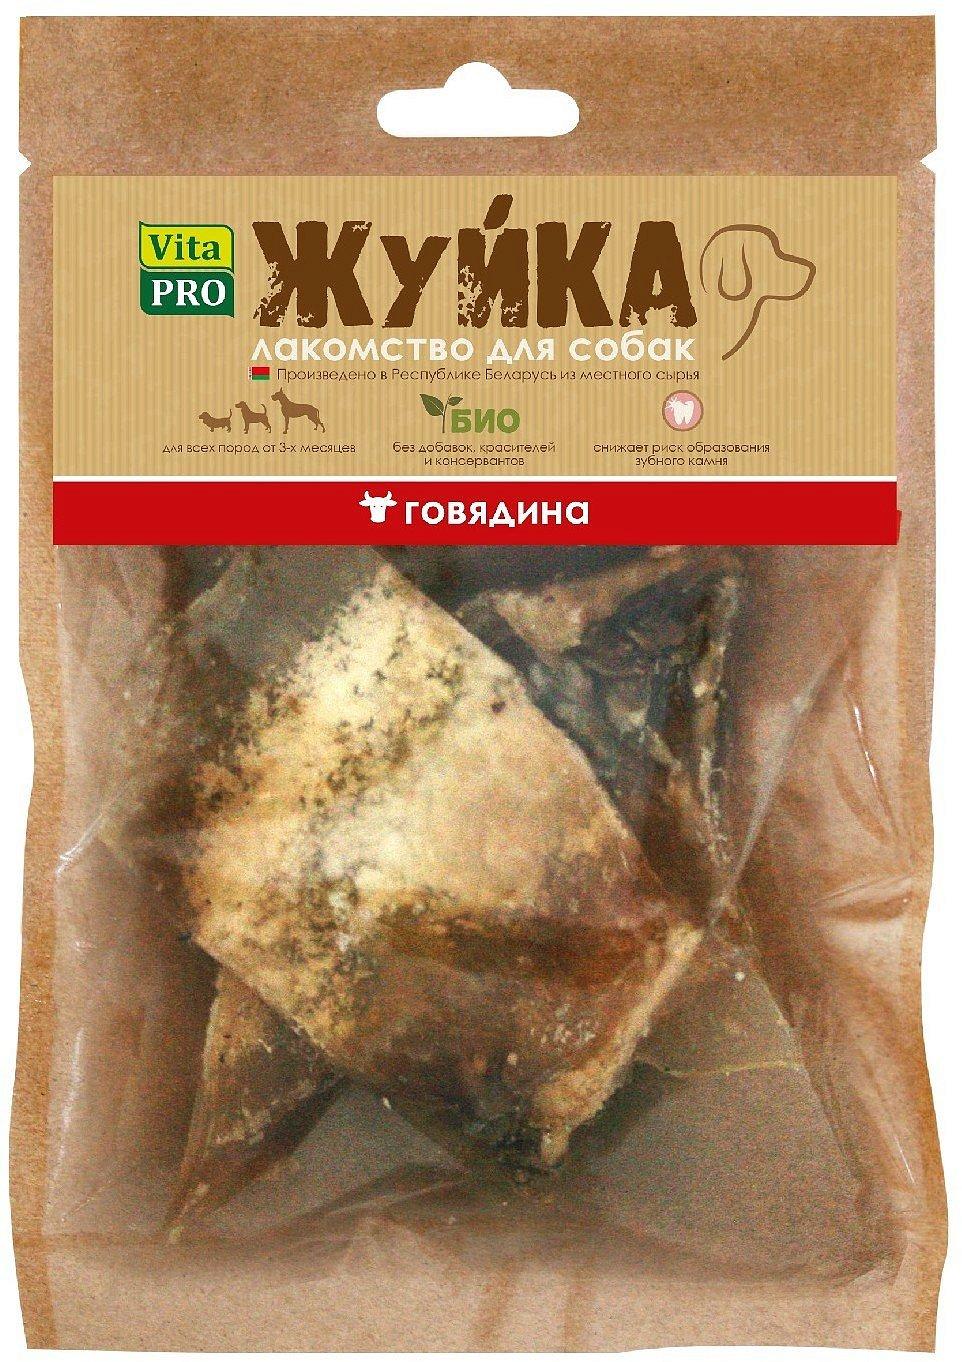 Вита Про Лакомство Жуйка для собак Хрящ лопаточный говяжий сушеный, 35 г, Vita Pro